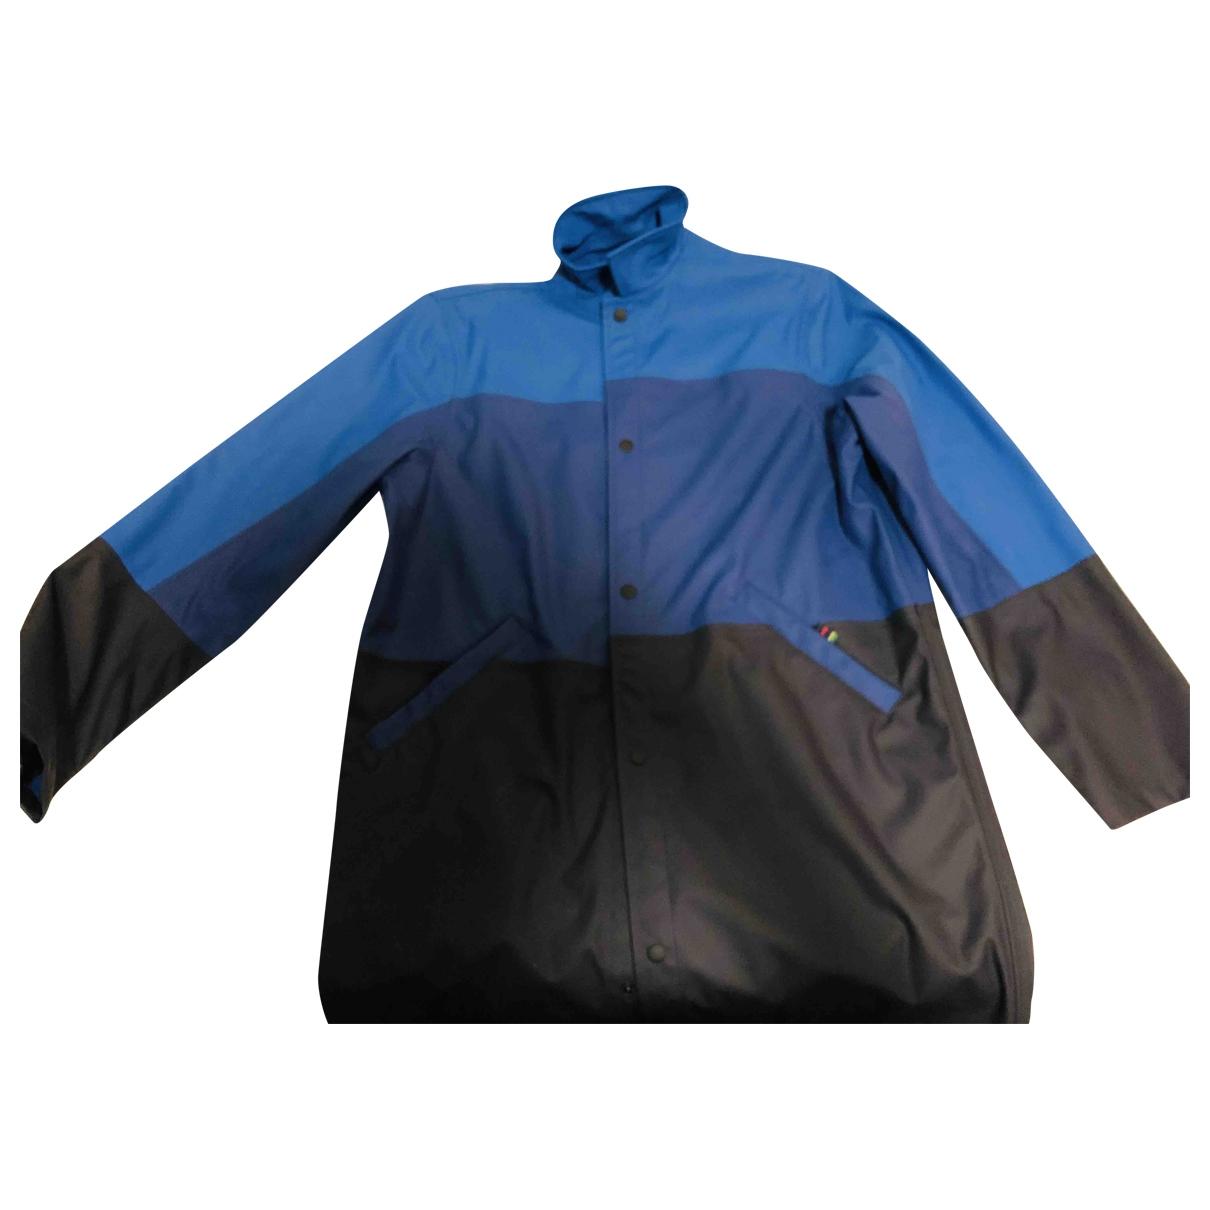 Paul Smith \N Maentel in  Blau Polyester